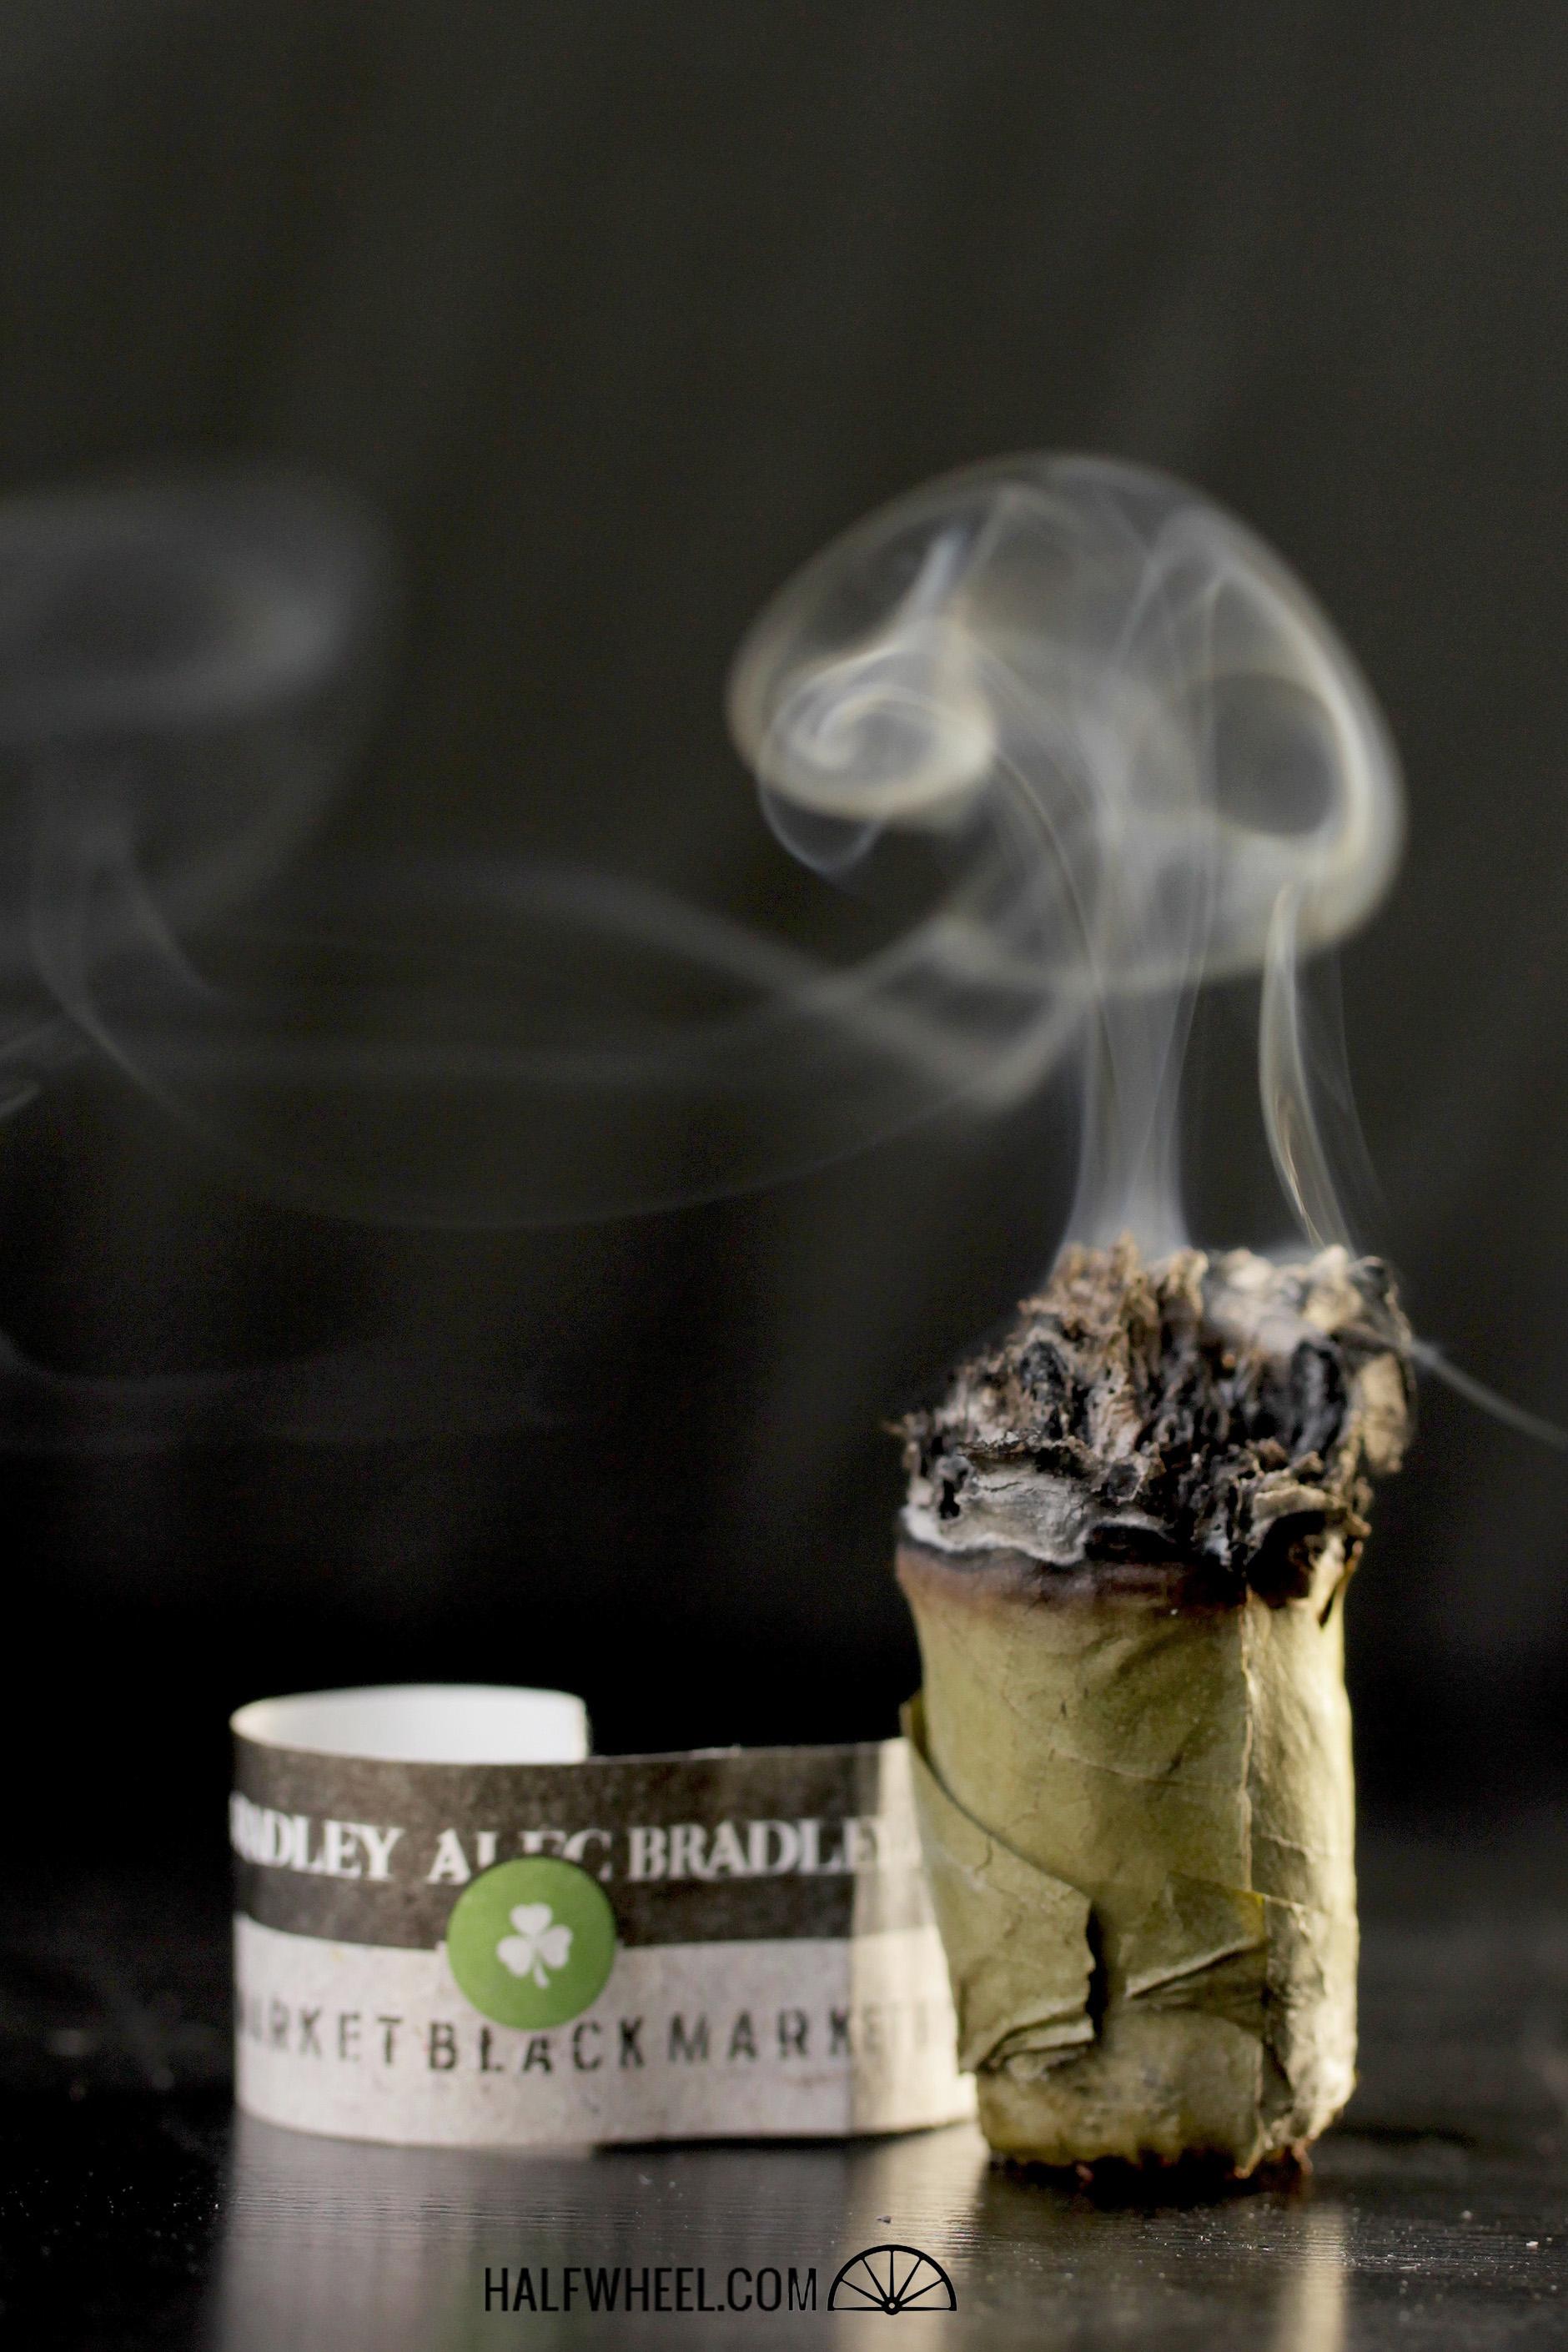 Alec Bradley Black Market Filthy Hooligan  2014 4